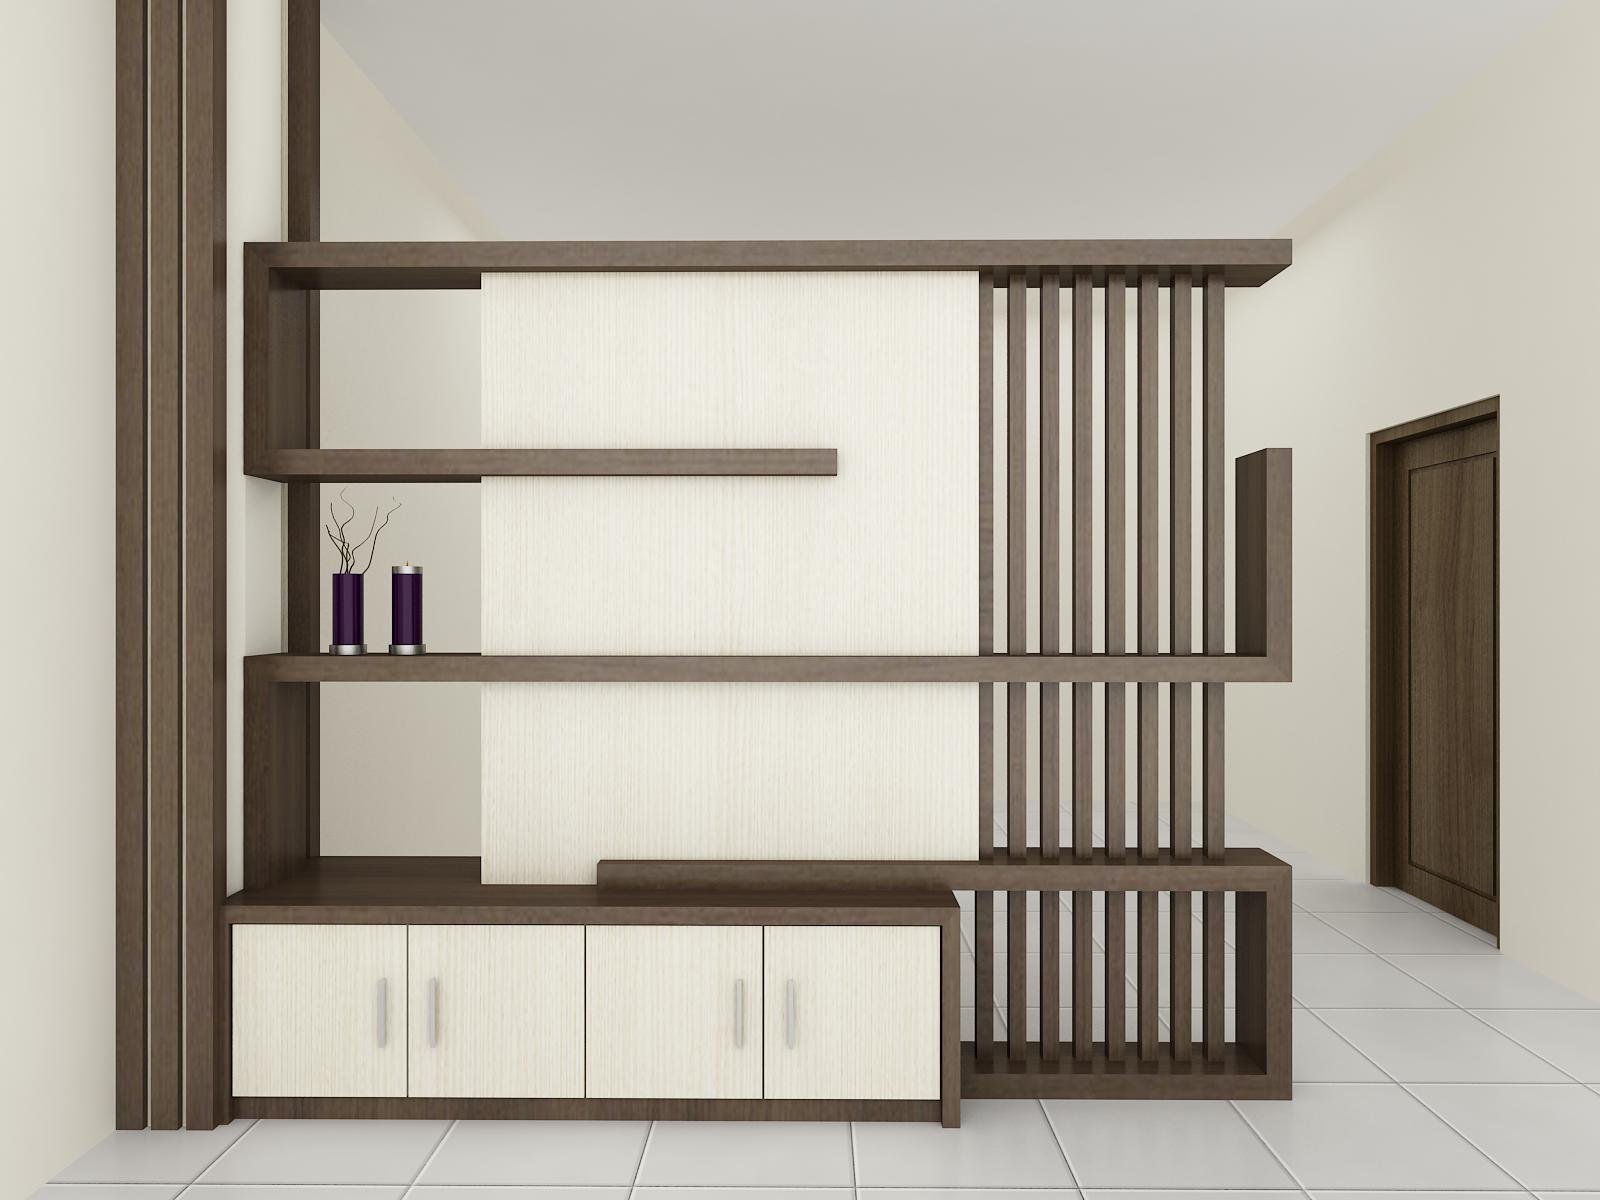 50 Desain Sekat Ruangan Minimalis Ruang Tamu Lemari Kantor Dll